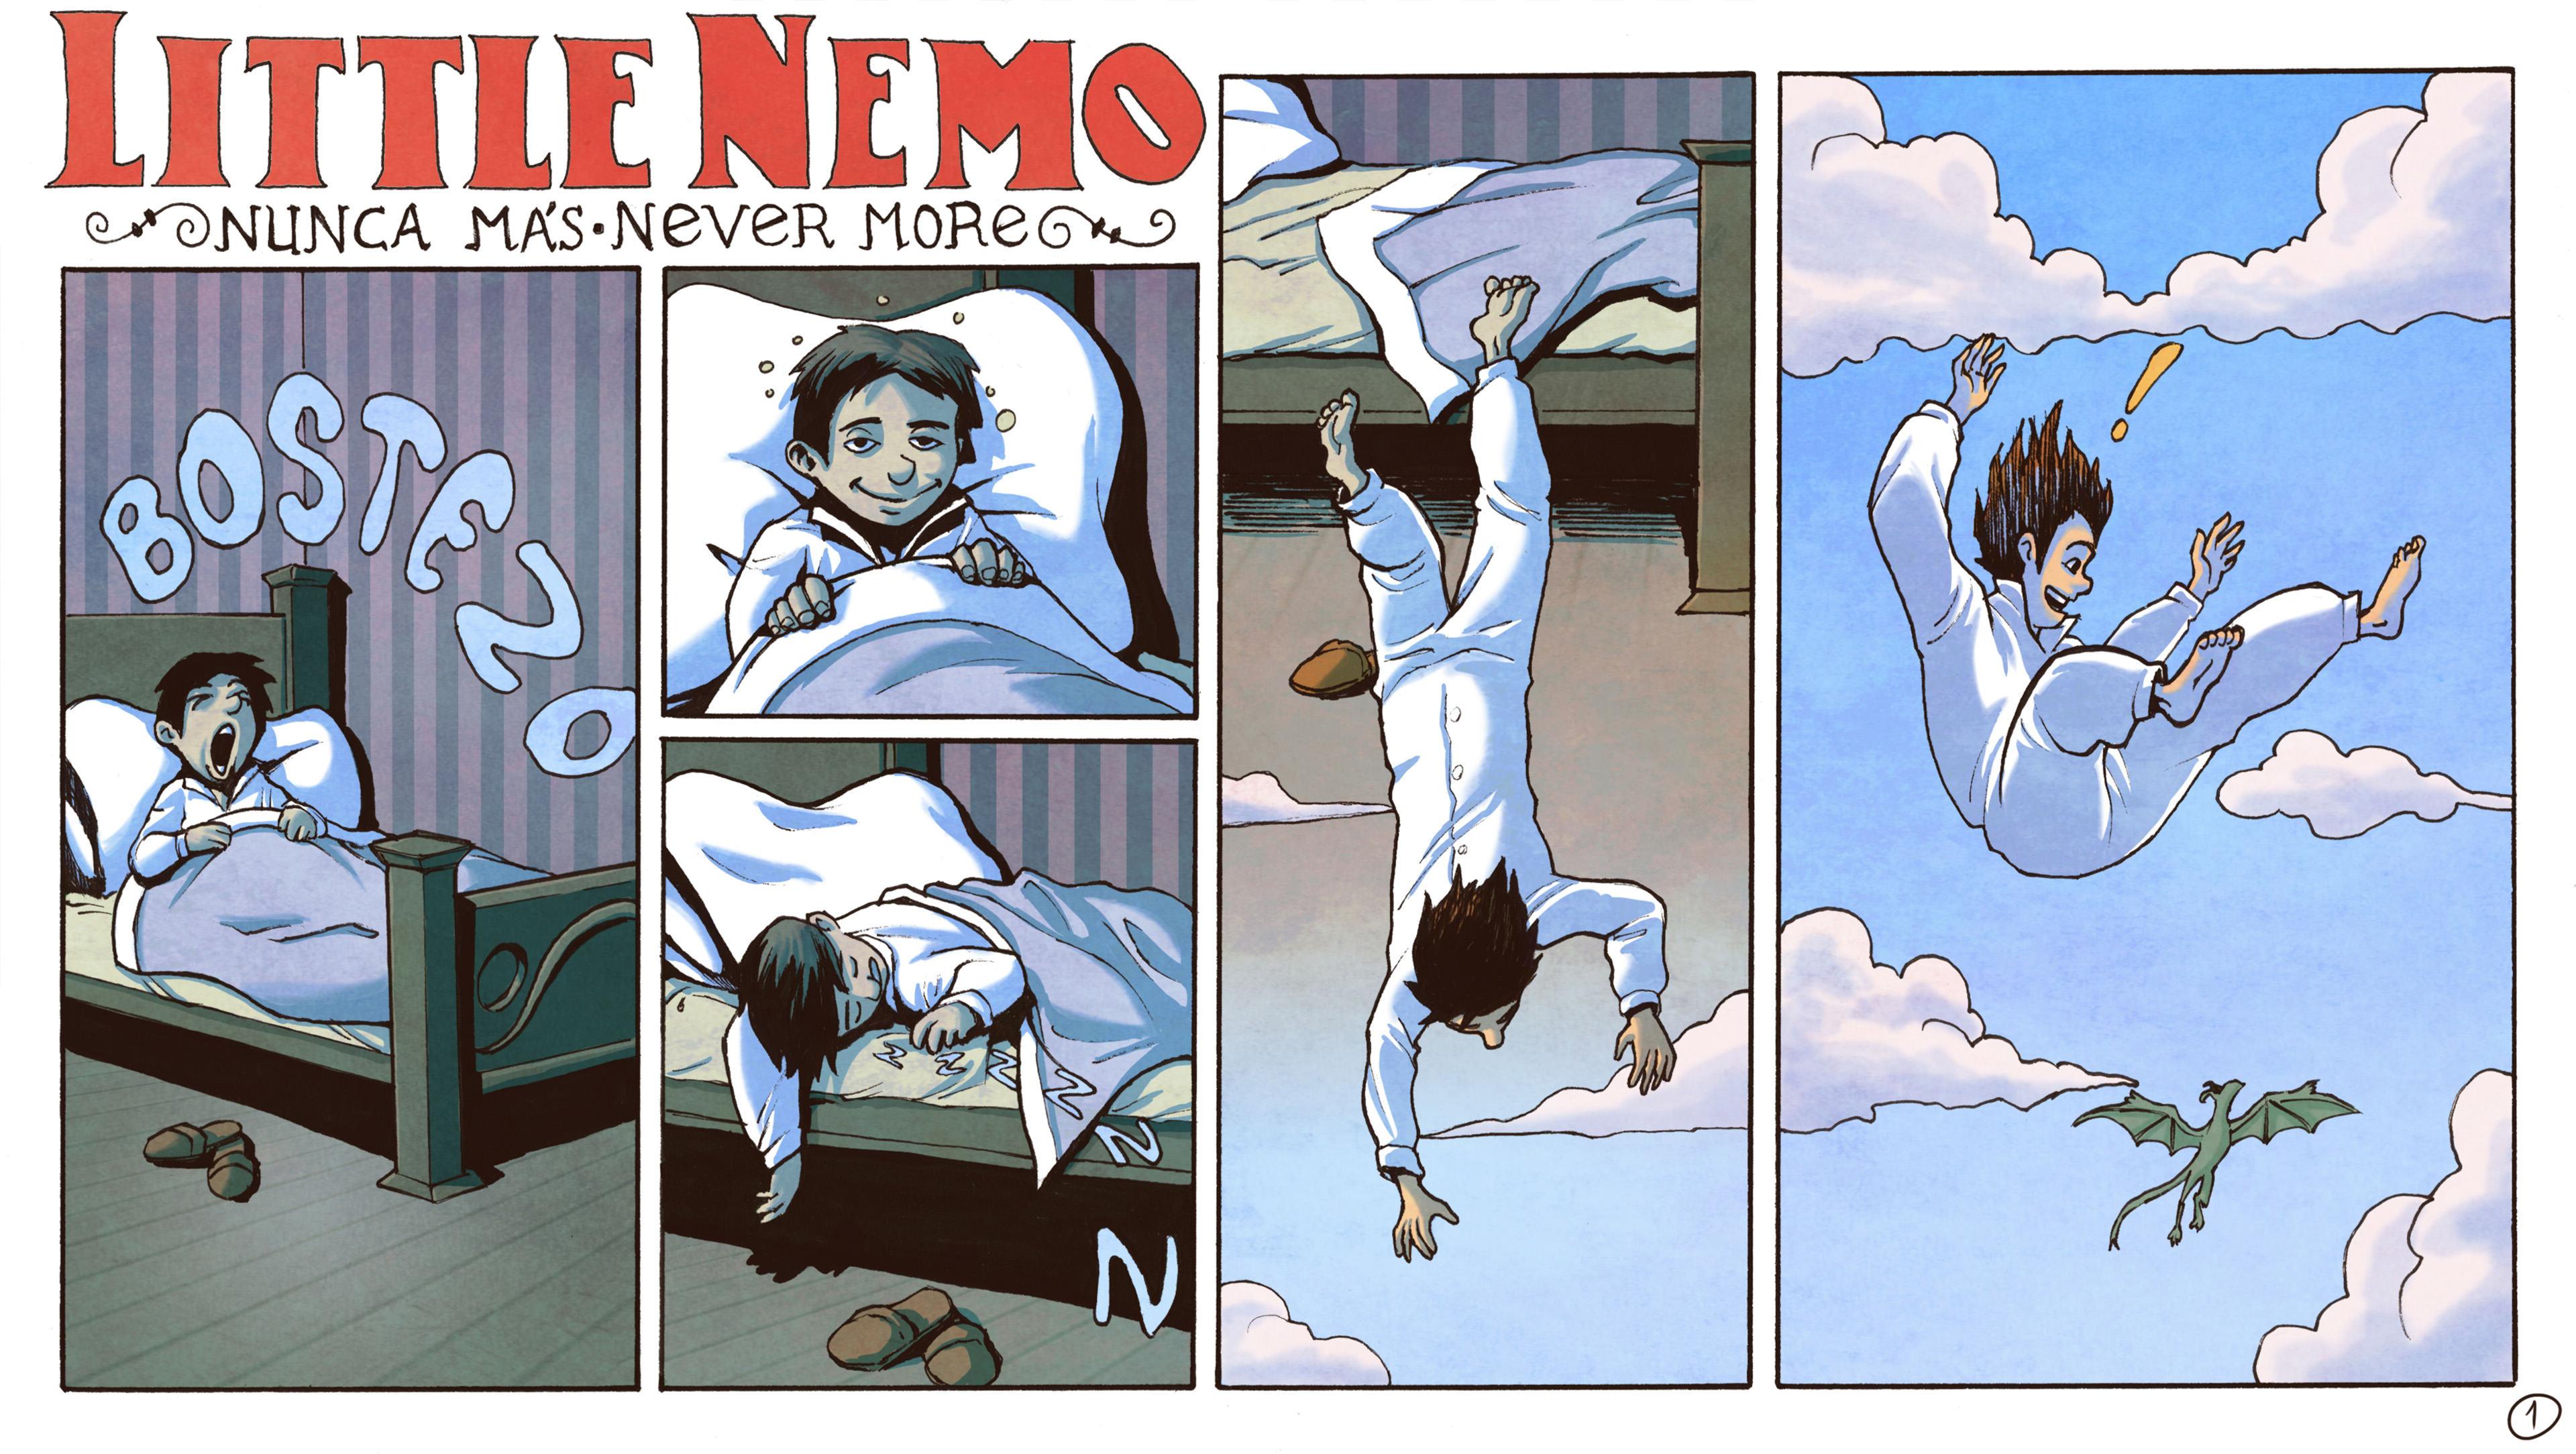 Jose_Fiestas_Nemo_pagina01